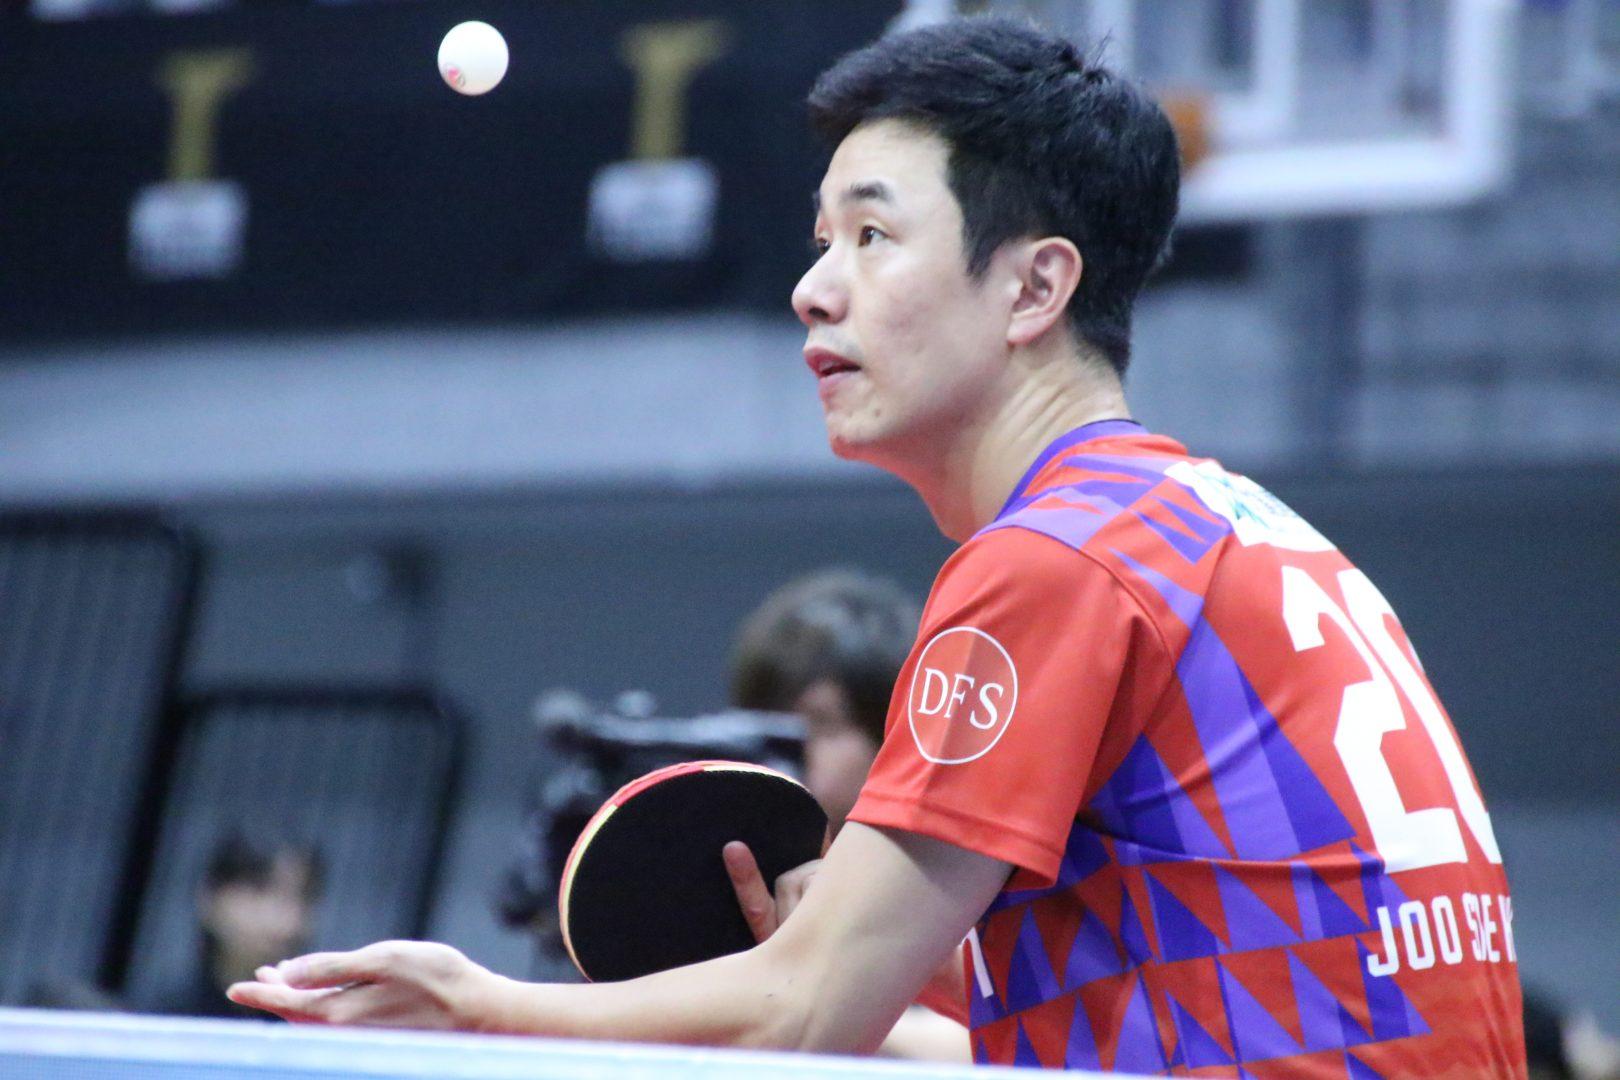 琉球3連勝 チーム力で岡山リベッツを下し勝ち点4獲得<卓球・Tリーグ結果速報>